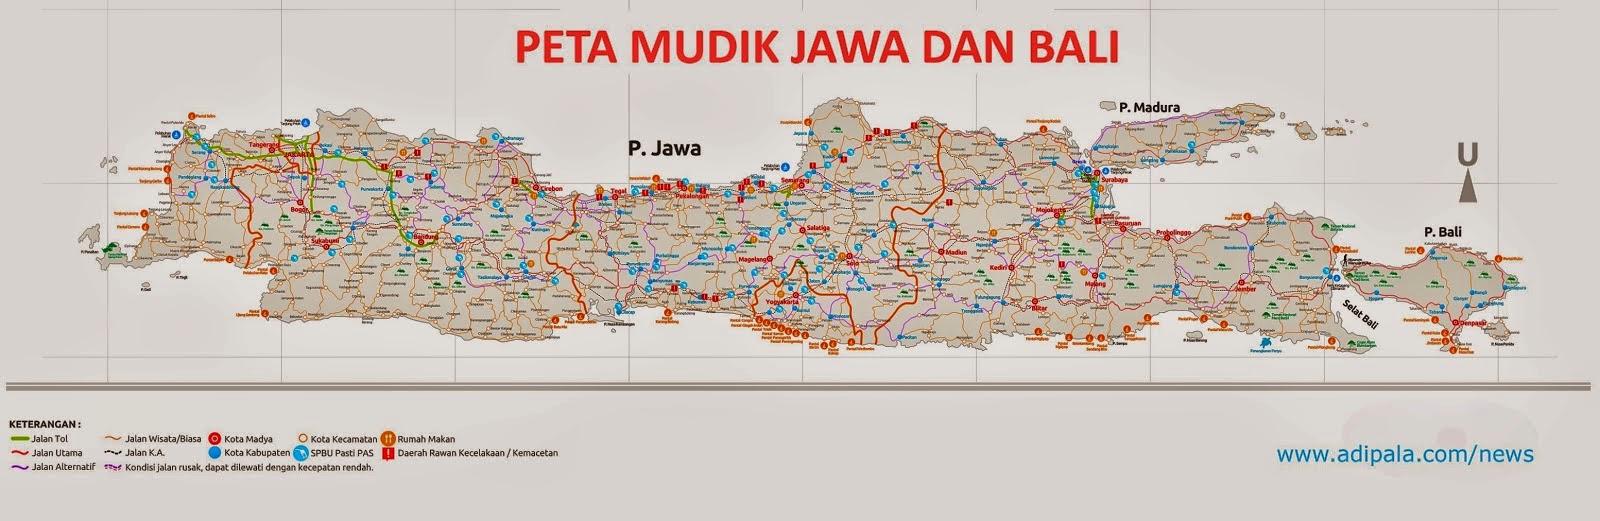 Download Peta Mudik Pulau Jawa Dan Bali Ramadhan 2015 1436 H Belopohan Education